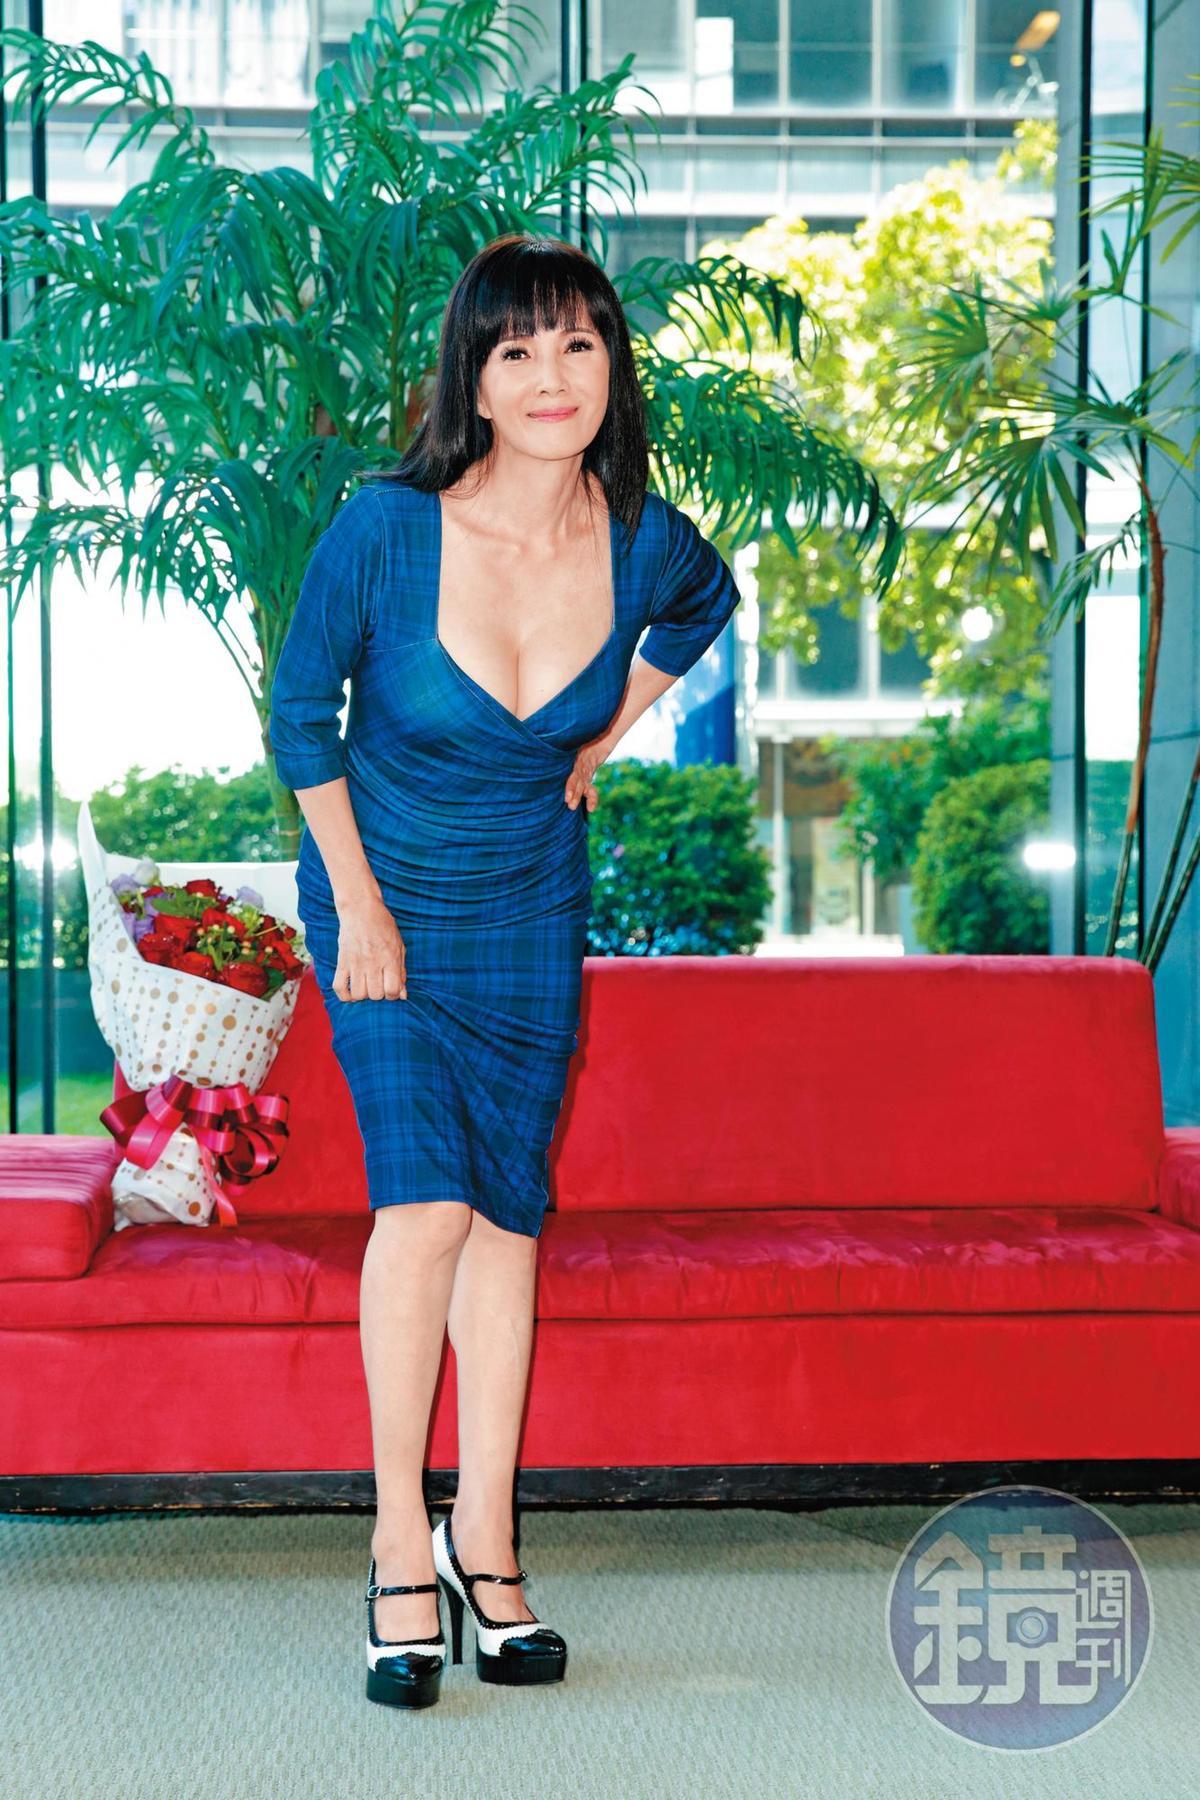 演出多齣鄉土劇的丁國琳,目前的經紀人也是李湧。